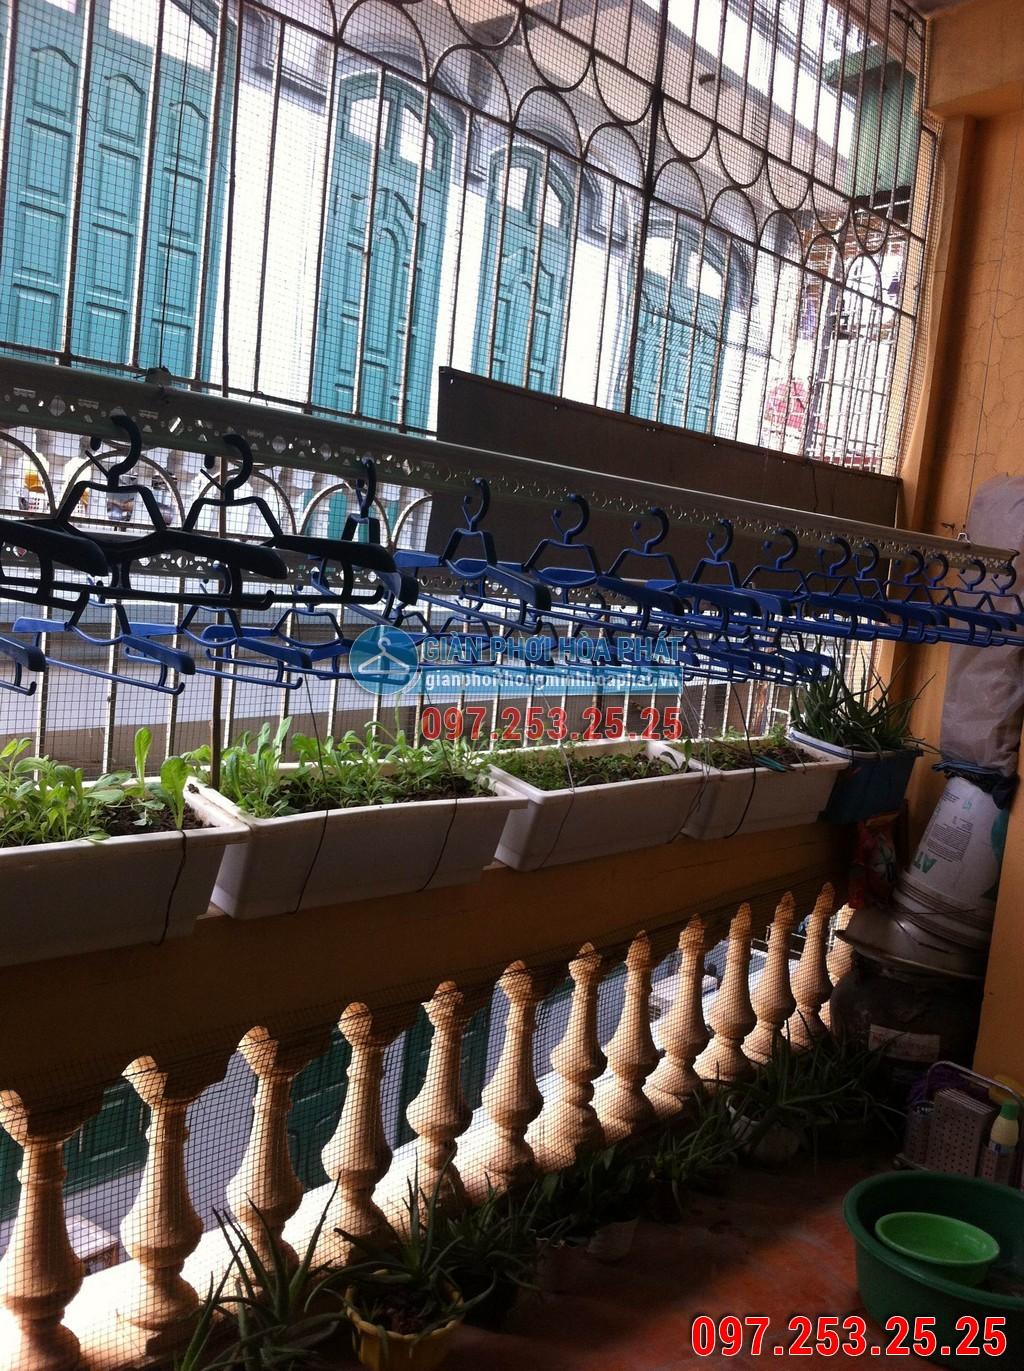 Giàn phơi thông minh nhà anh Trung Chung Cư Vinh Plaza Ngã Tư Ga, Tp.Vinh, Nghệ An